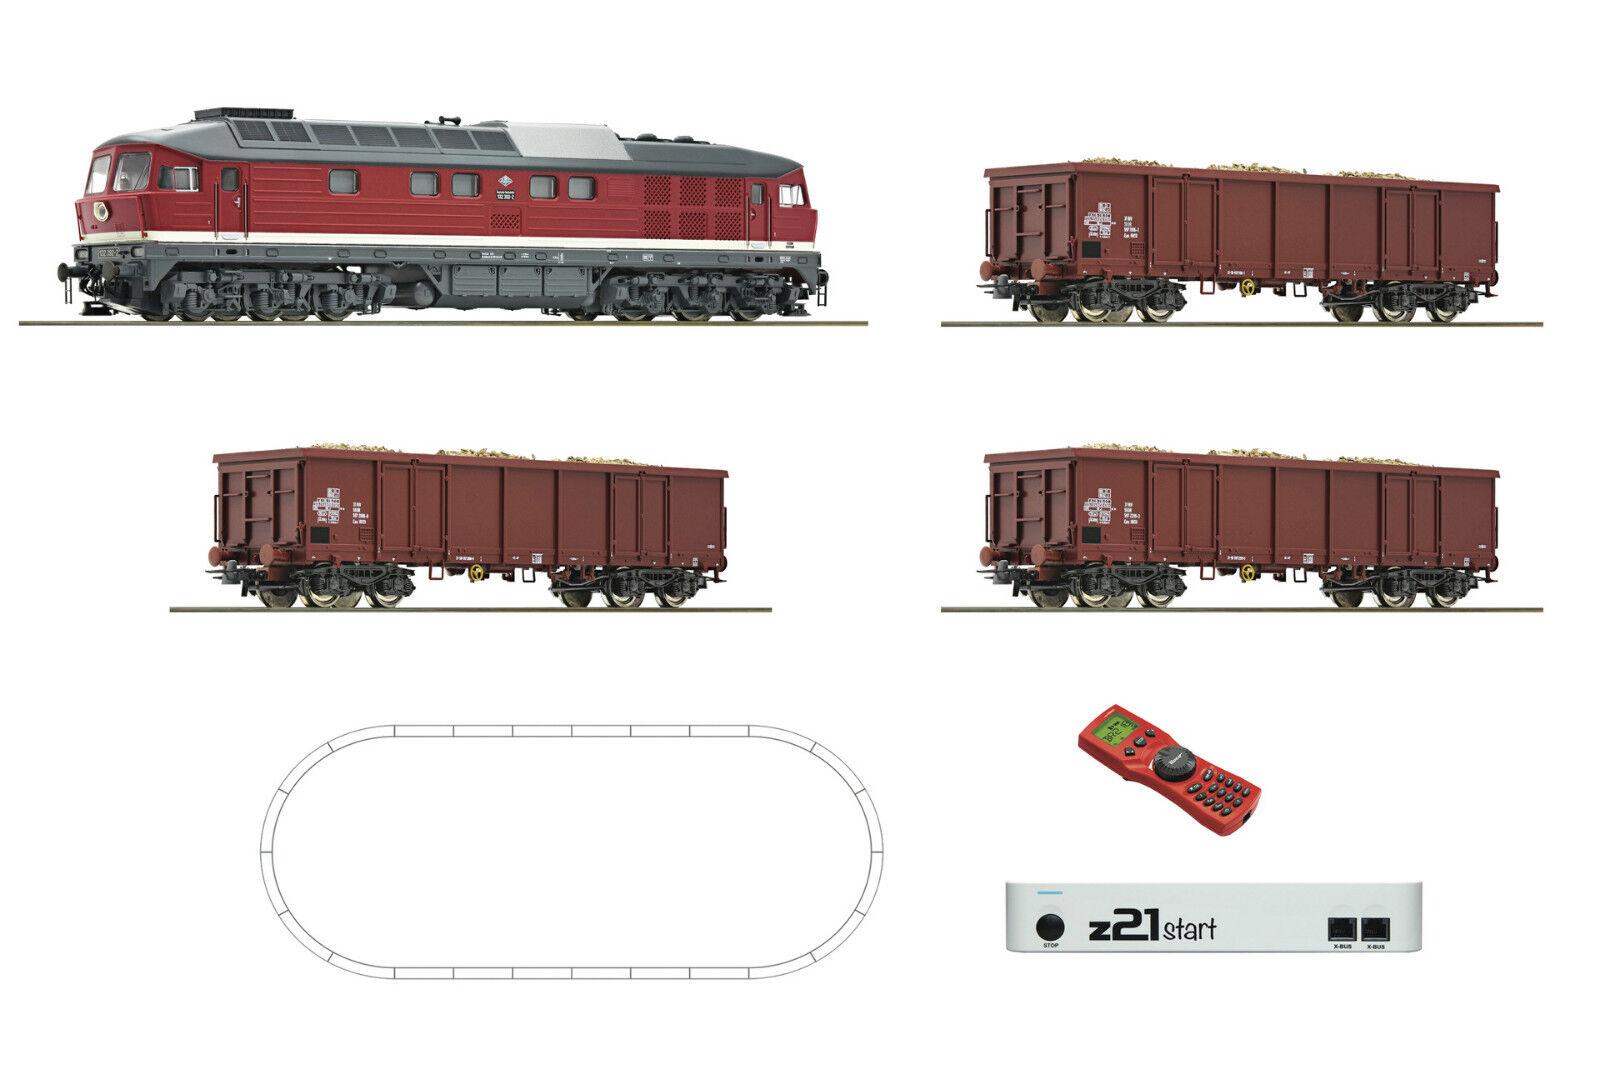 Roco 51292 Start Set Digitale z21 + Multimaus Br 132 Ludmilla Treno Dr Ep IV